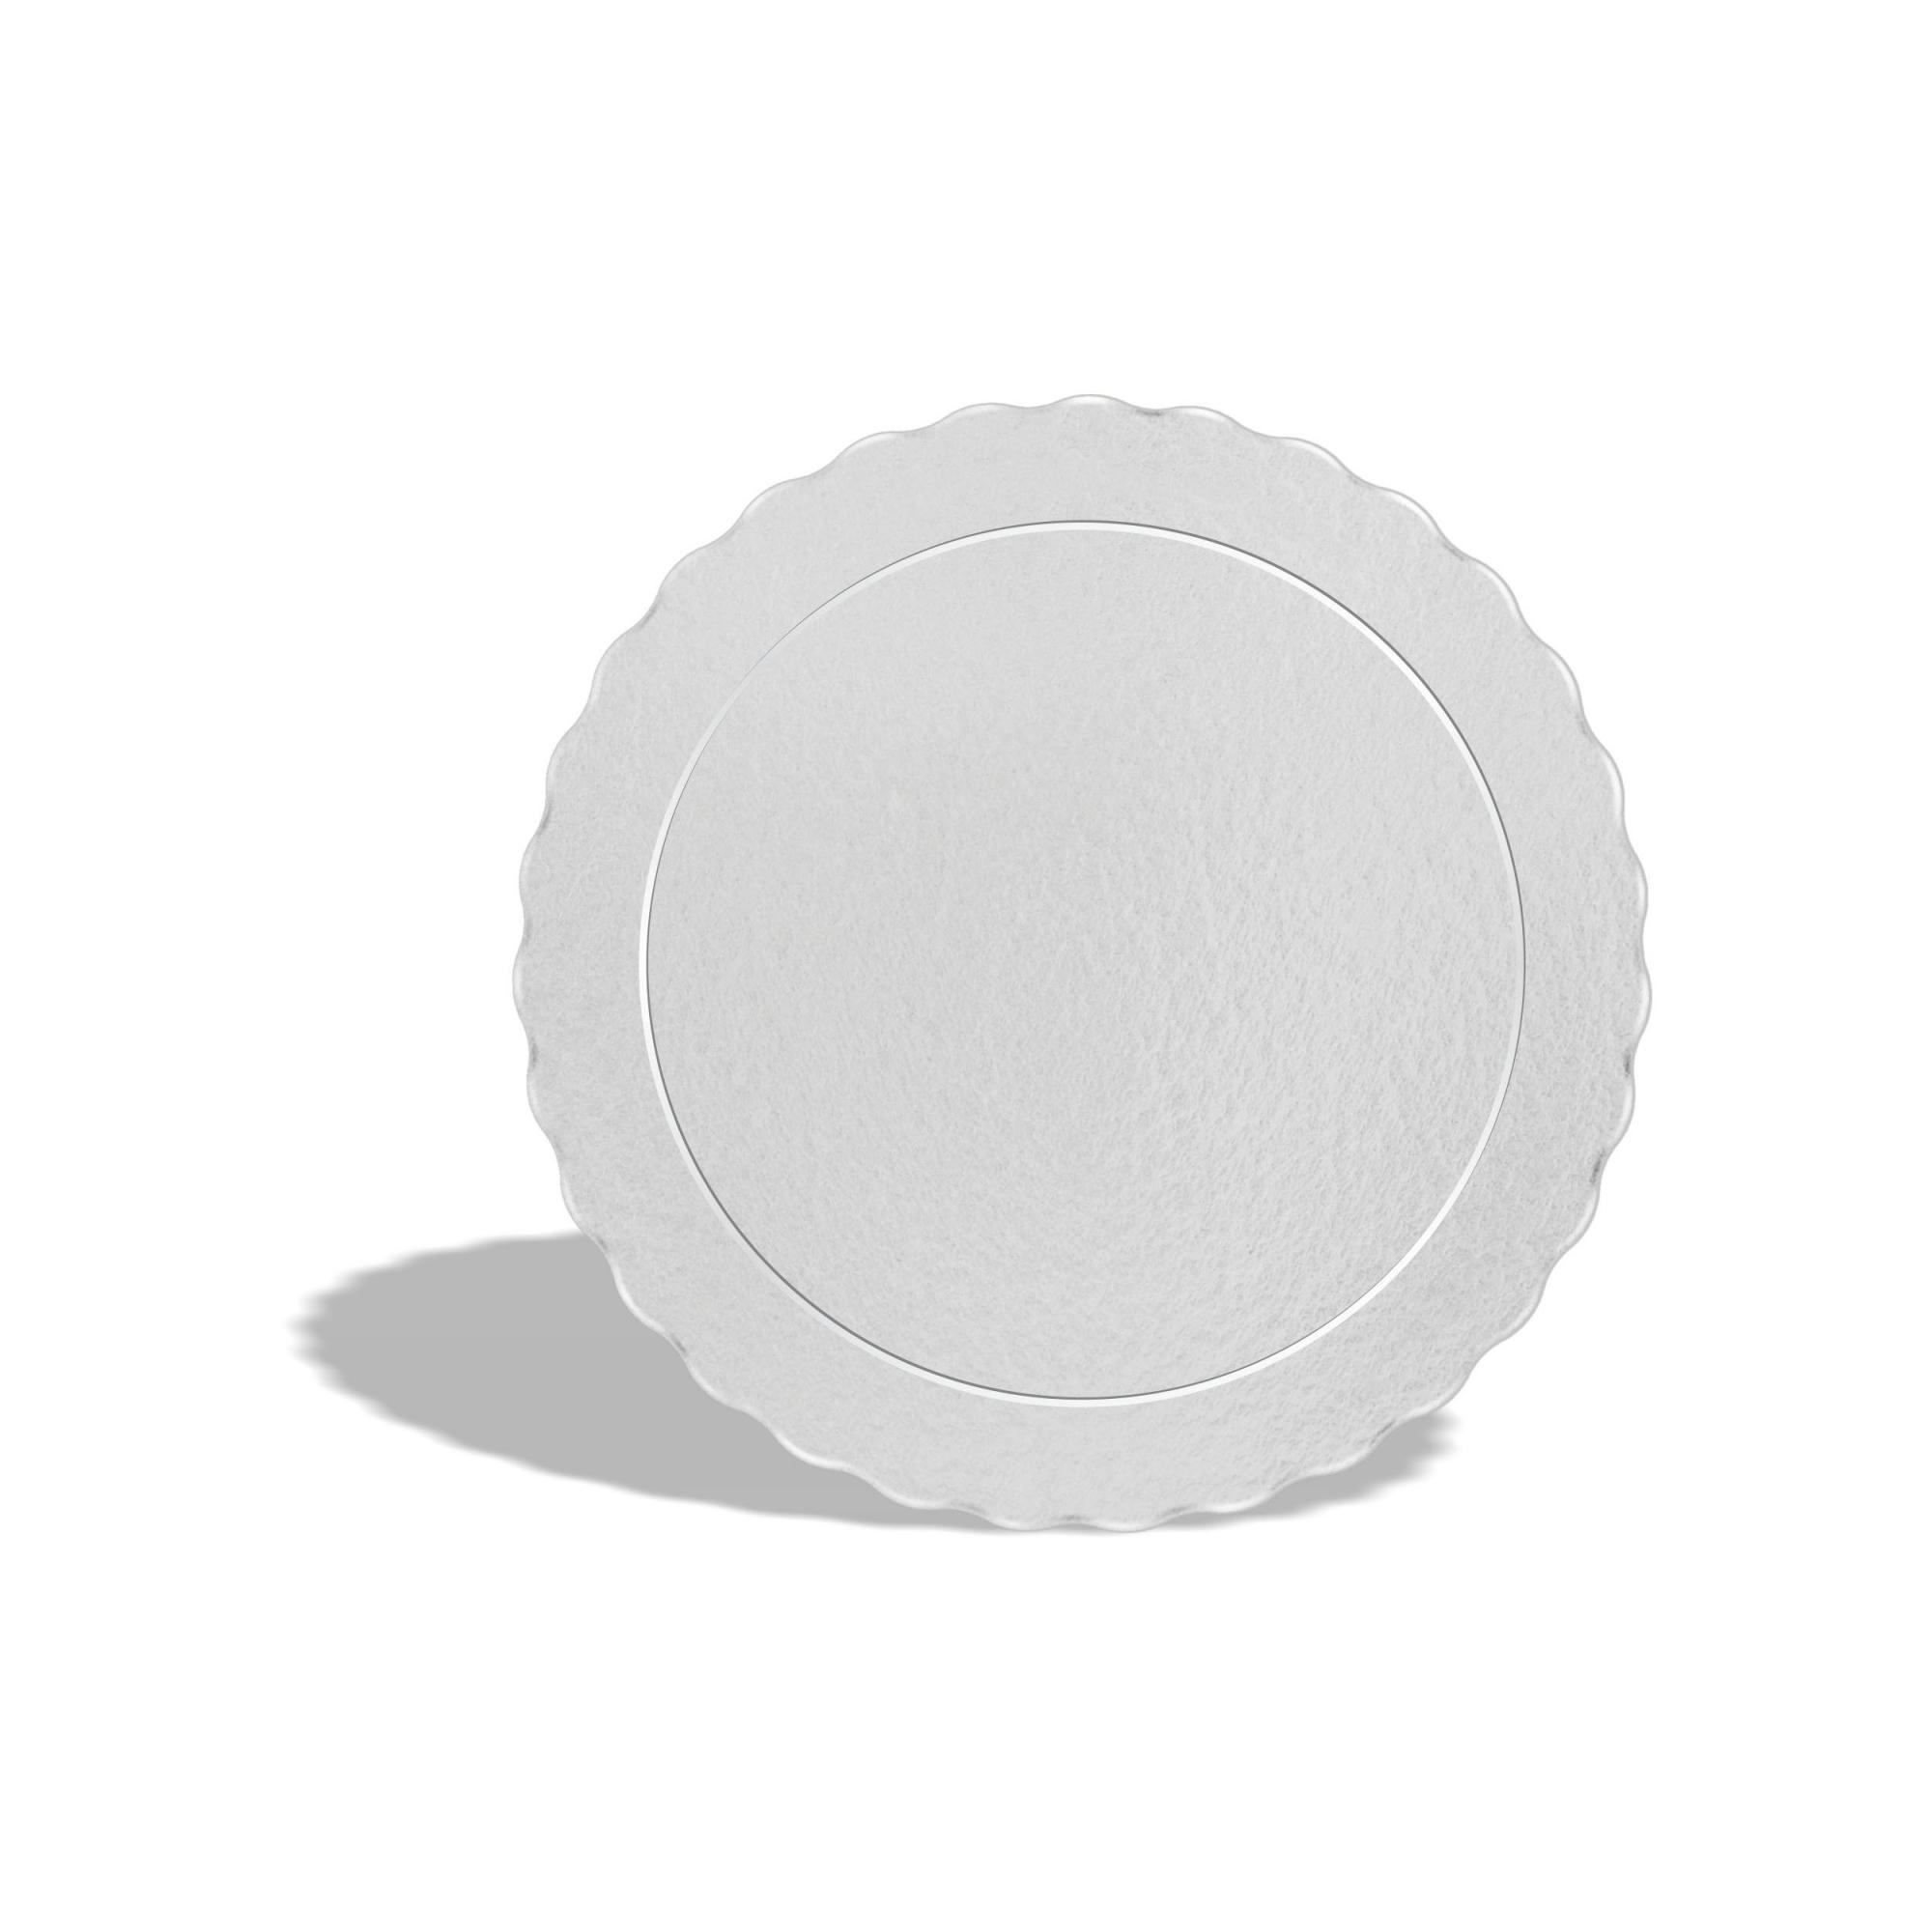 50 Bases Laminadas Para Bolo Redondo, Cake Board 26cm - Branco